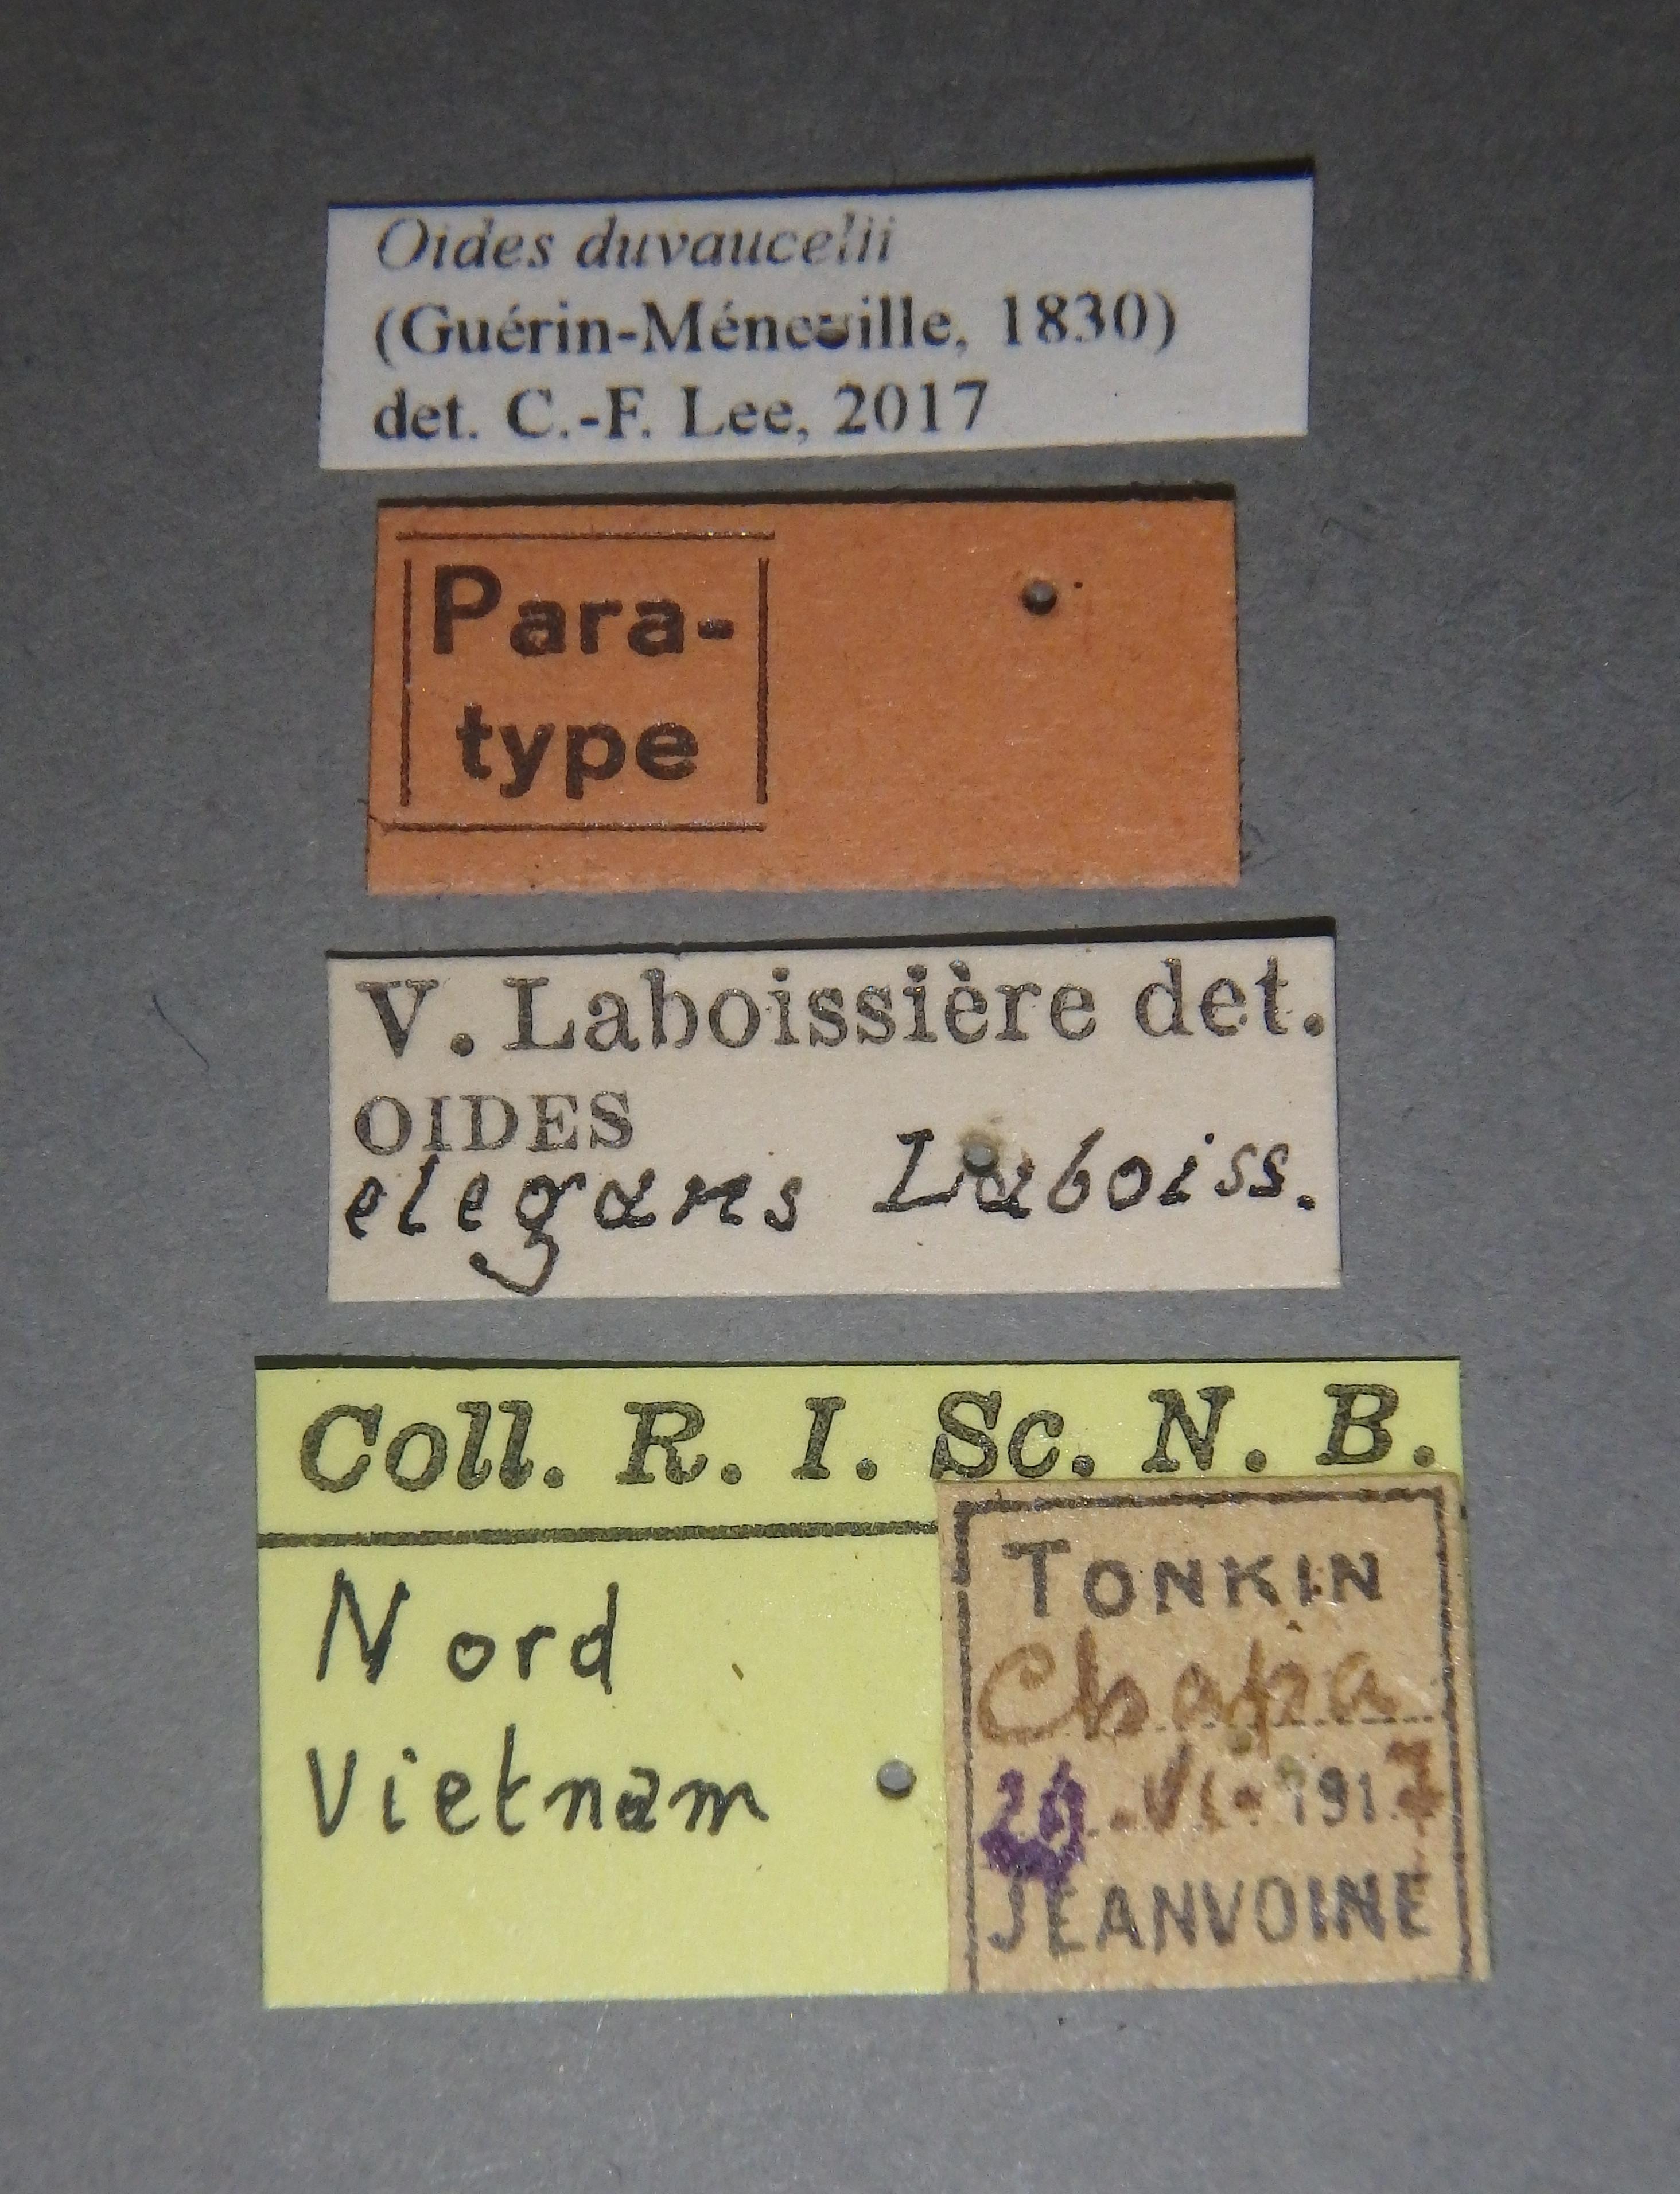 Oides elegans pt1 Lb.JPG